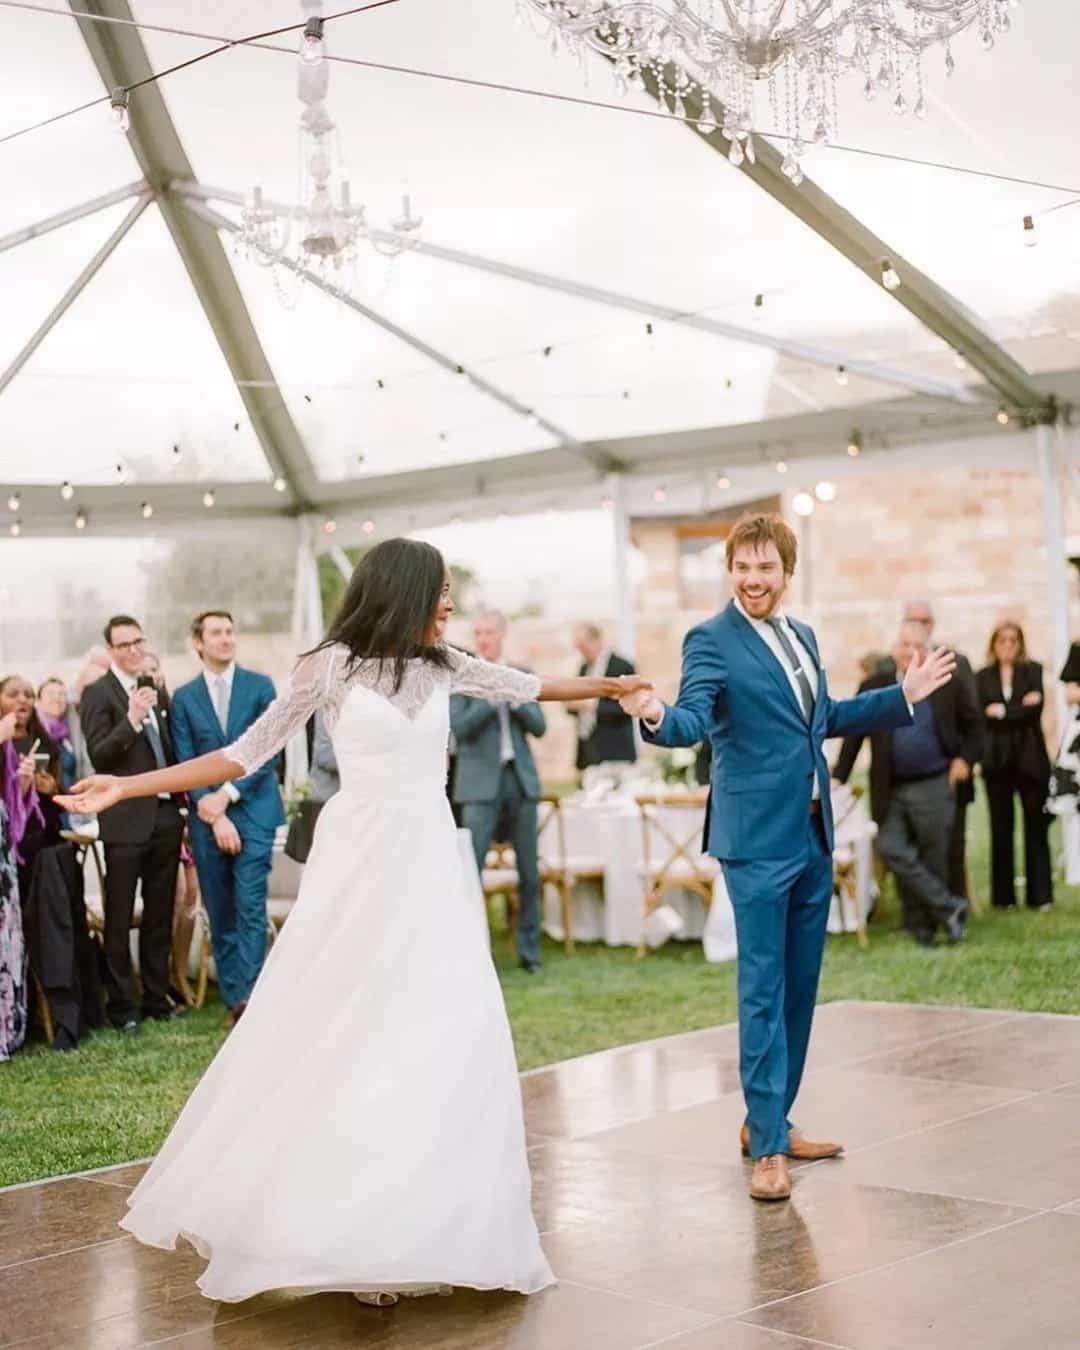 Esküvő szervezése -  Rebecca Yale